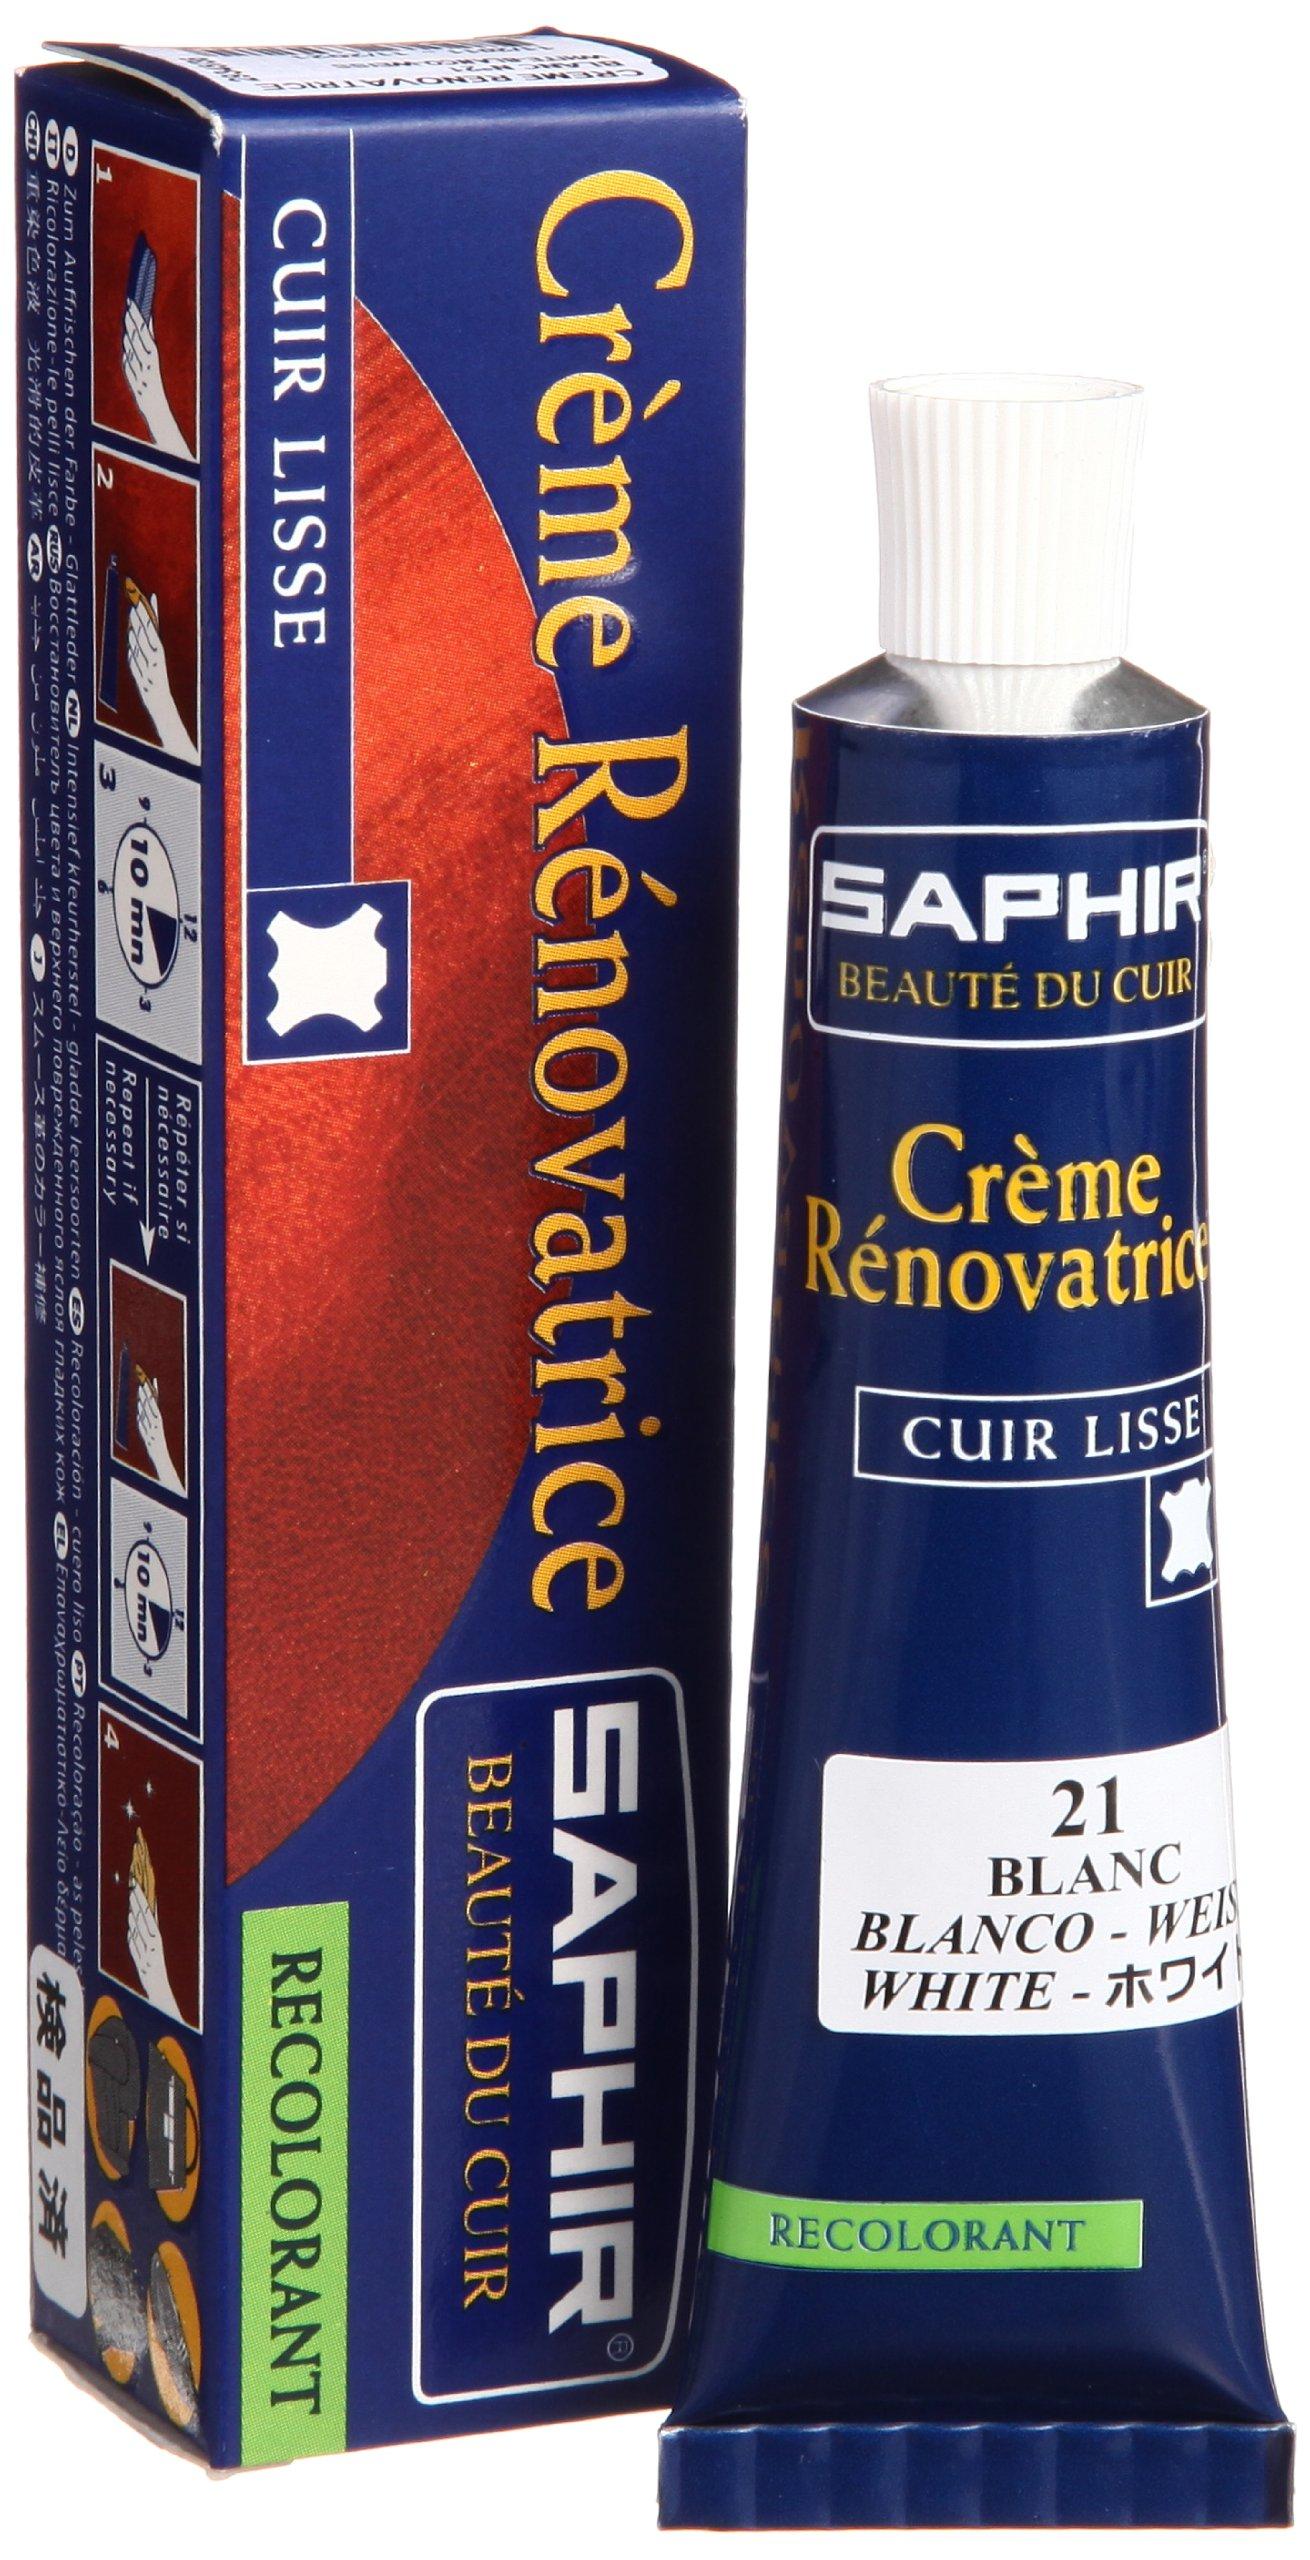 Saphir Renovating Cream Leather Repair - Recolorante para za